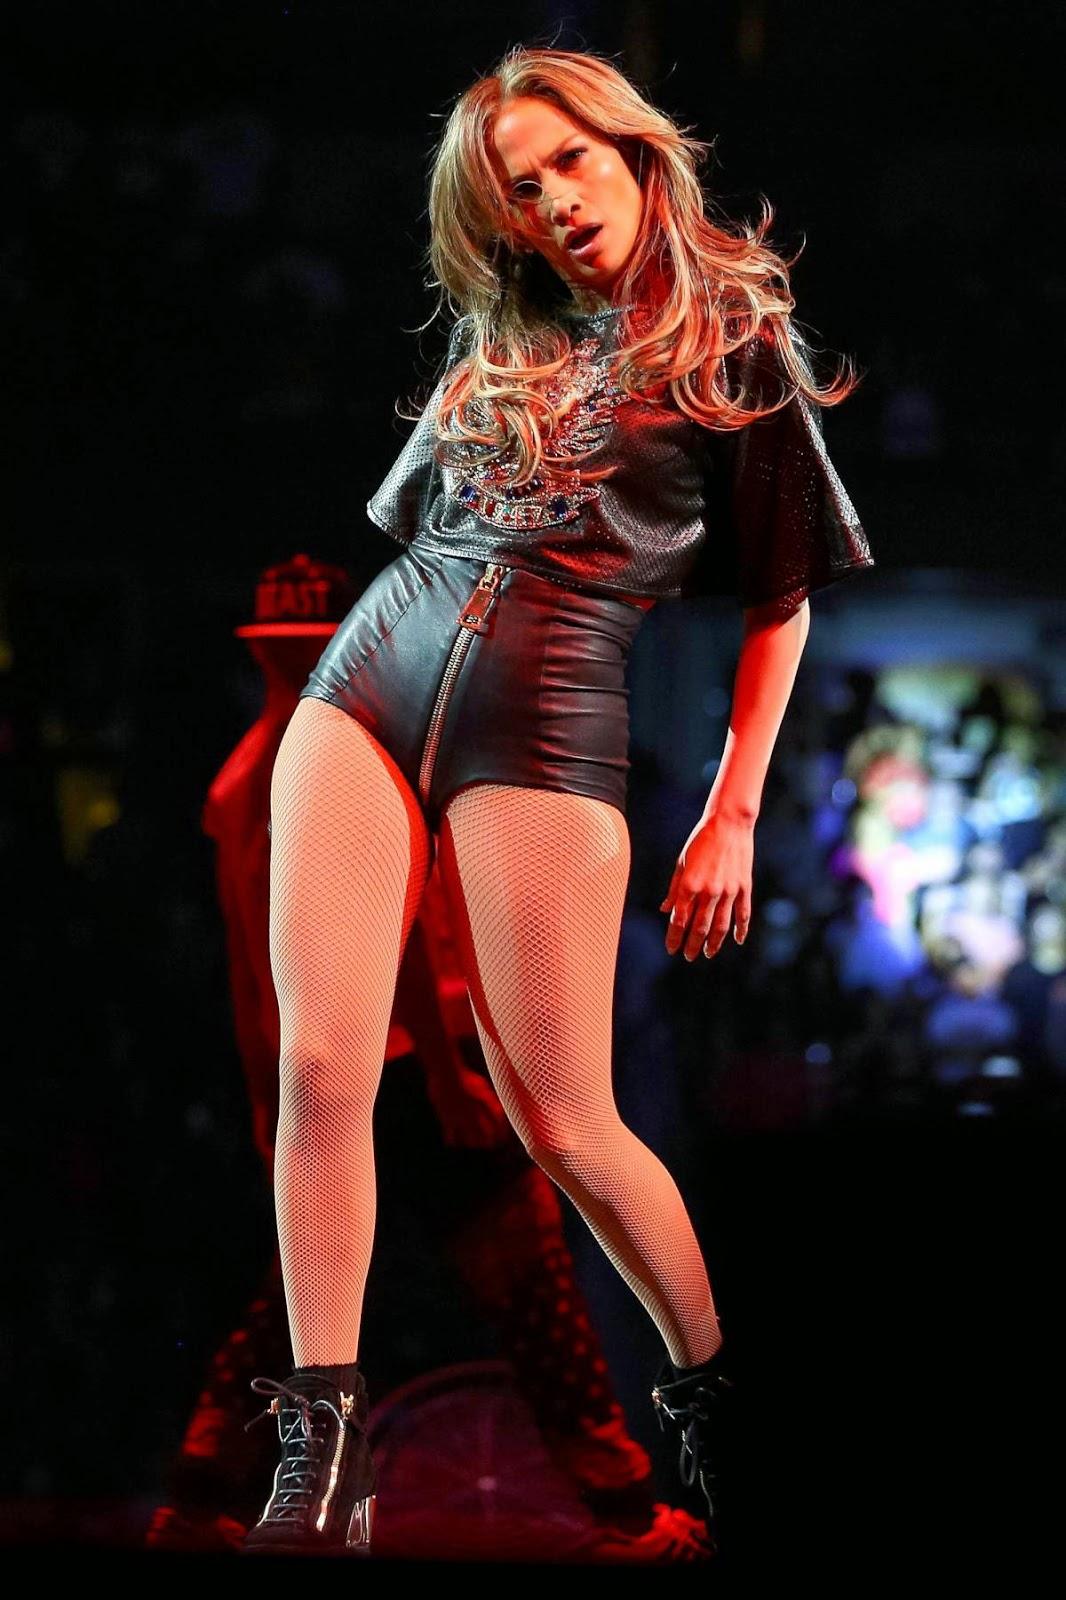 Britney spears ass - 3 part 3